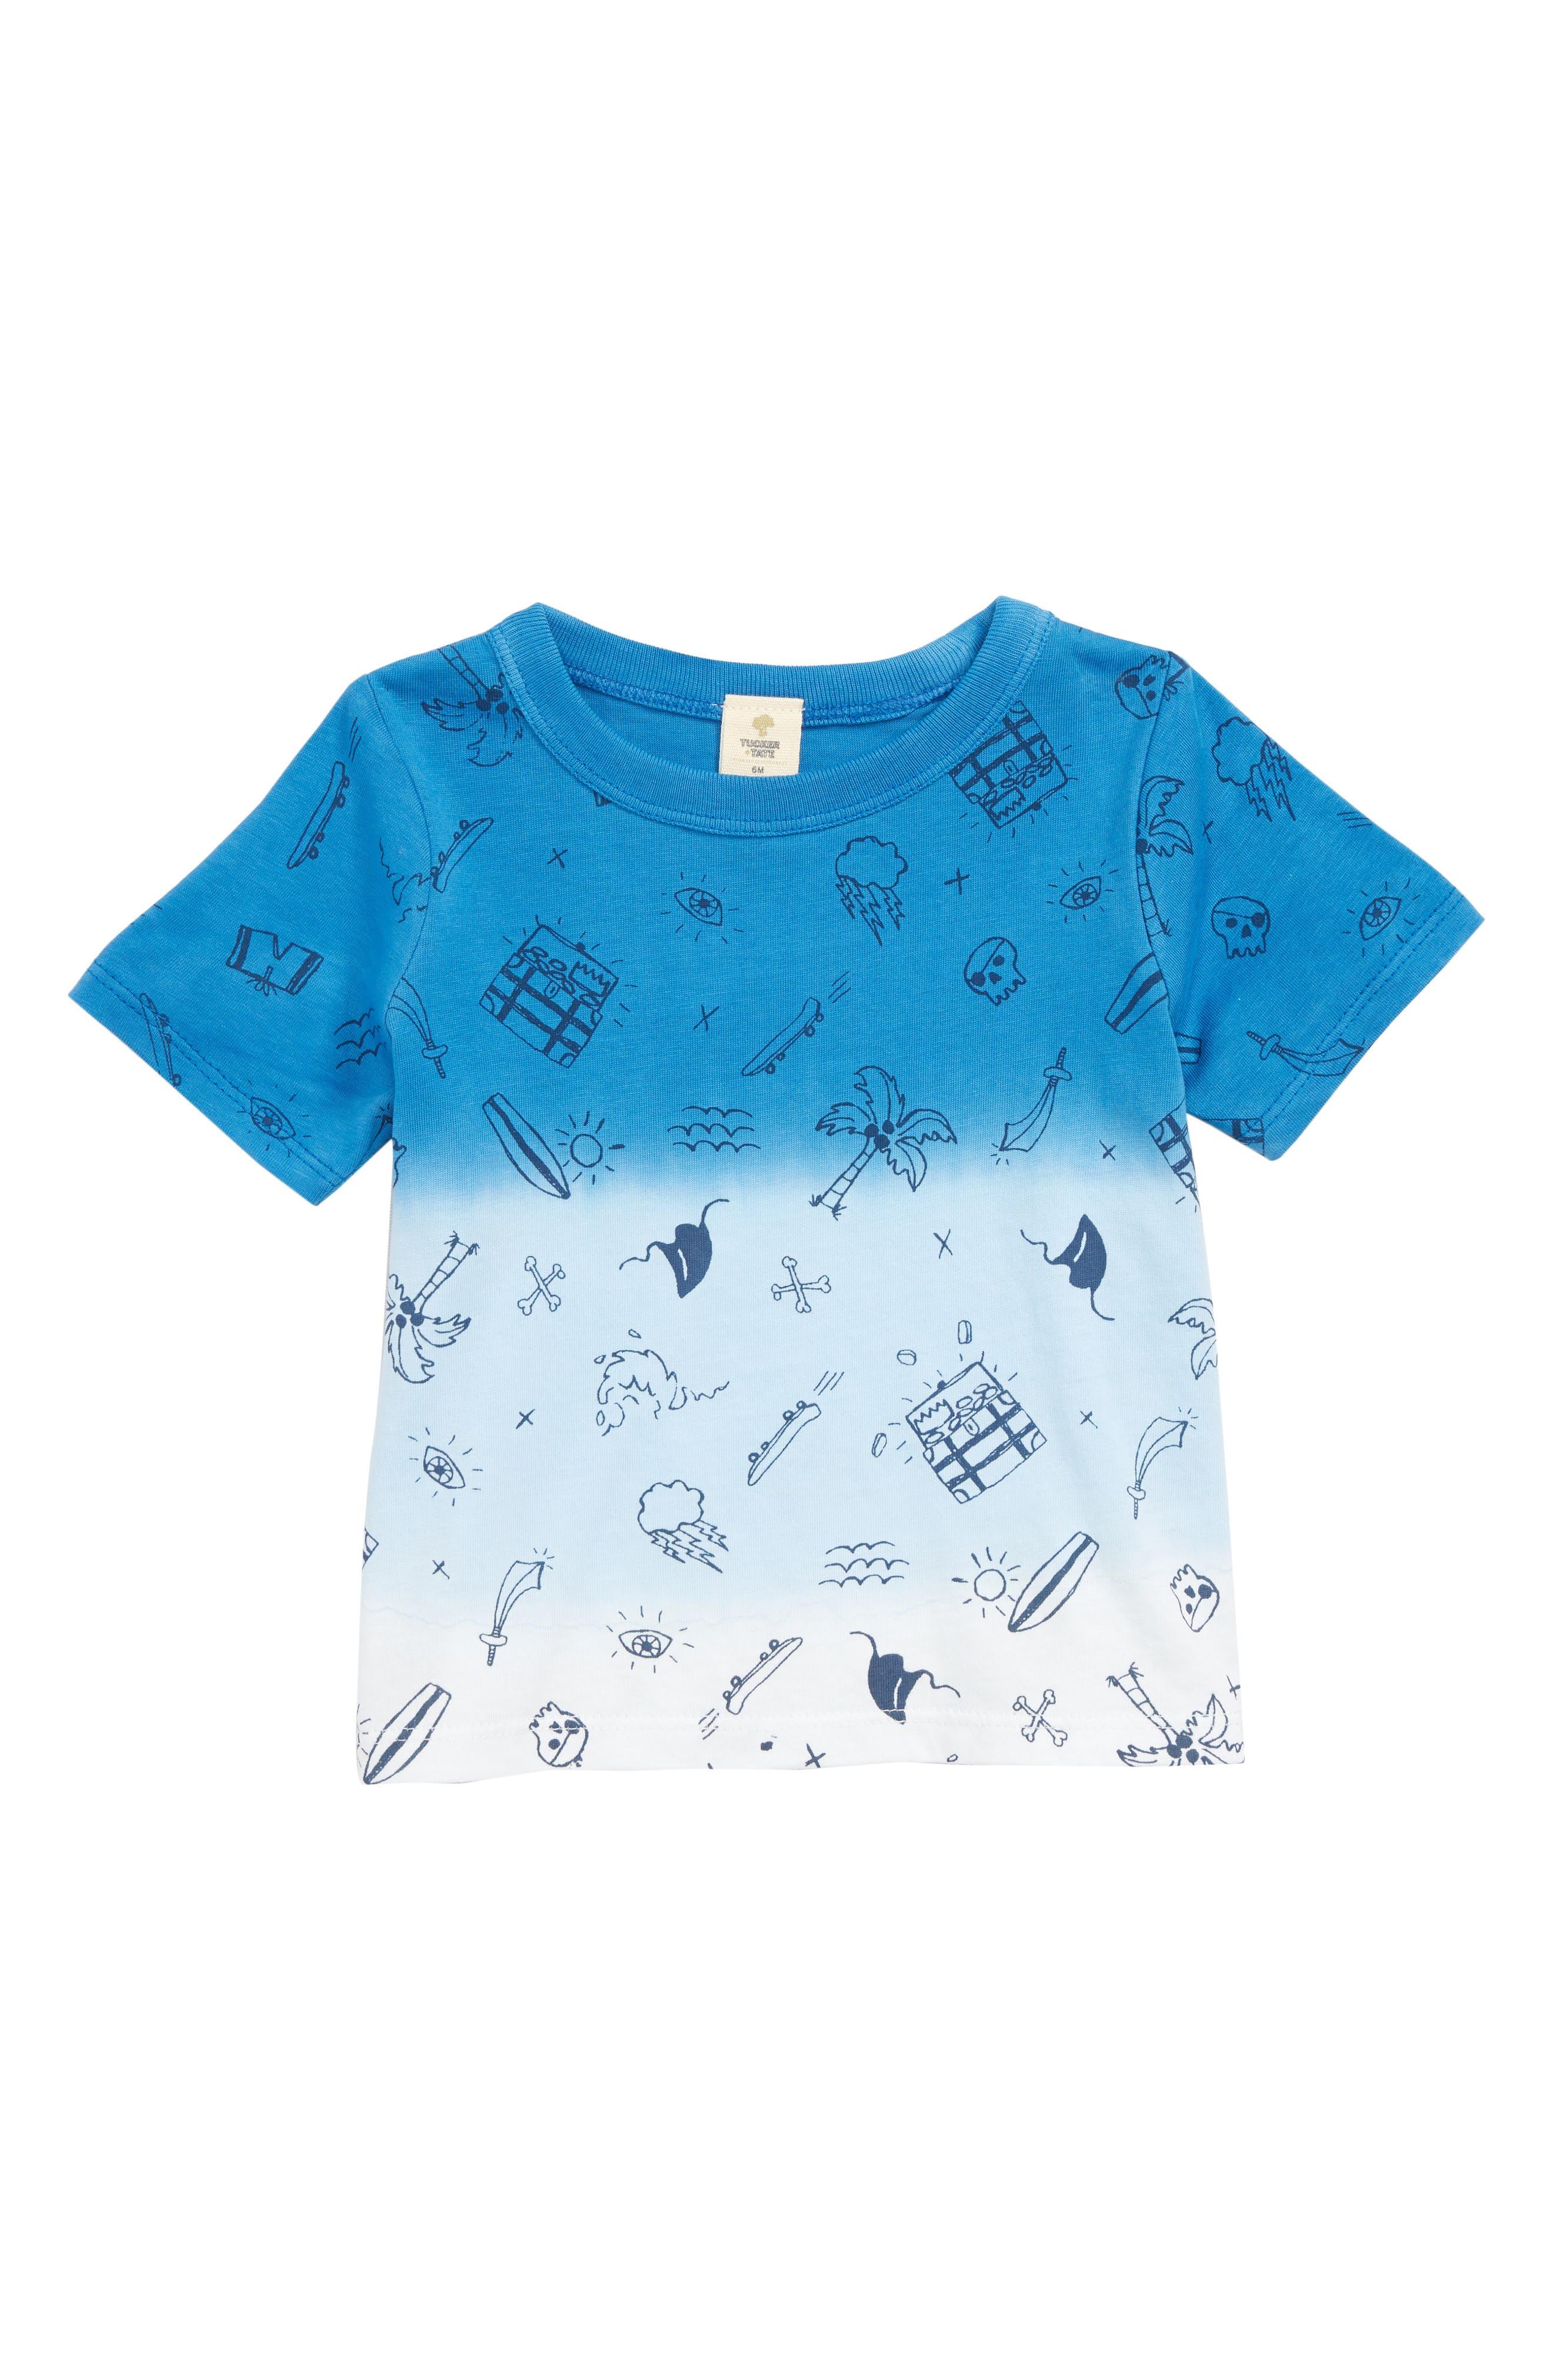 Ombré T-Shirt,                             Main thumbnail 1, color,                             Blue French Ocean Symbols